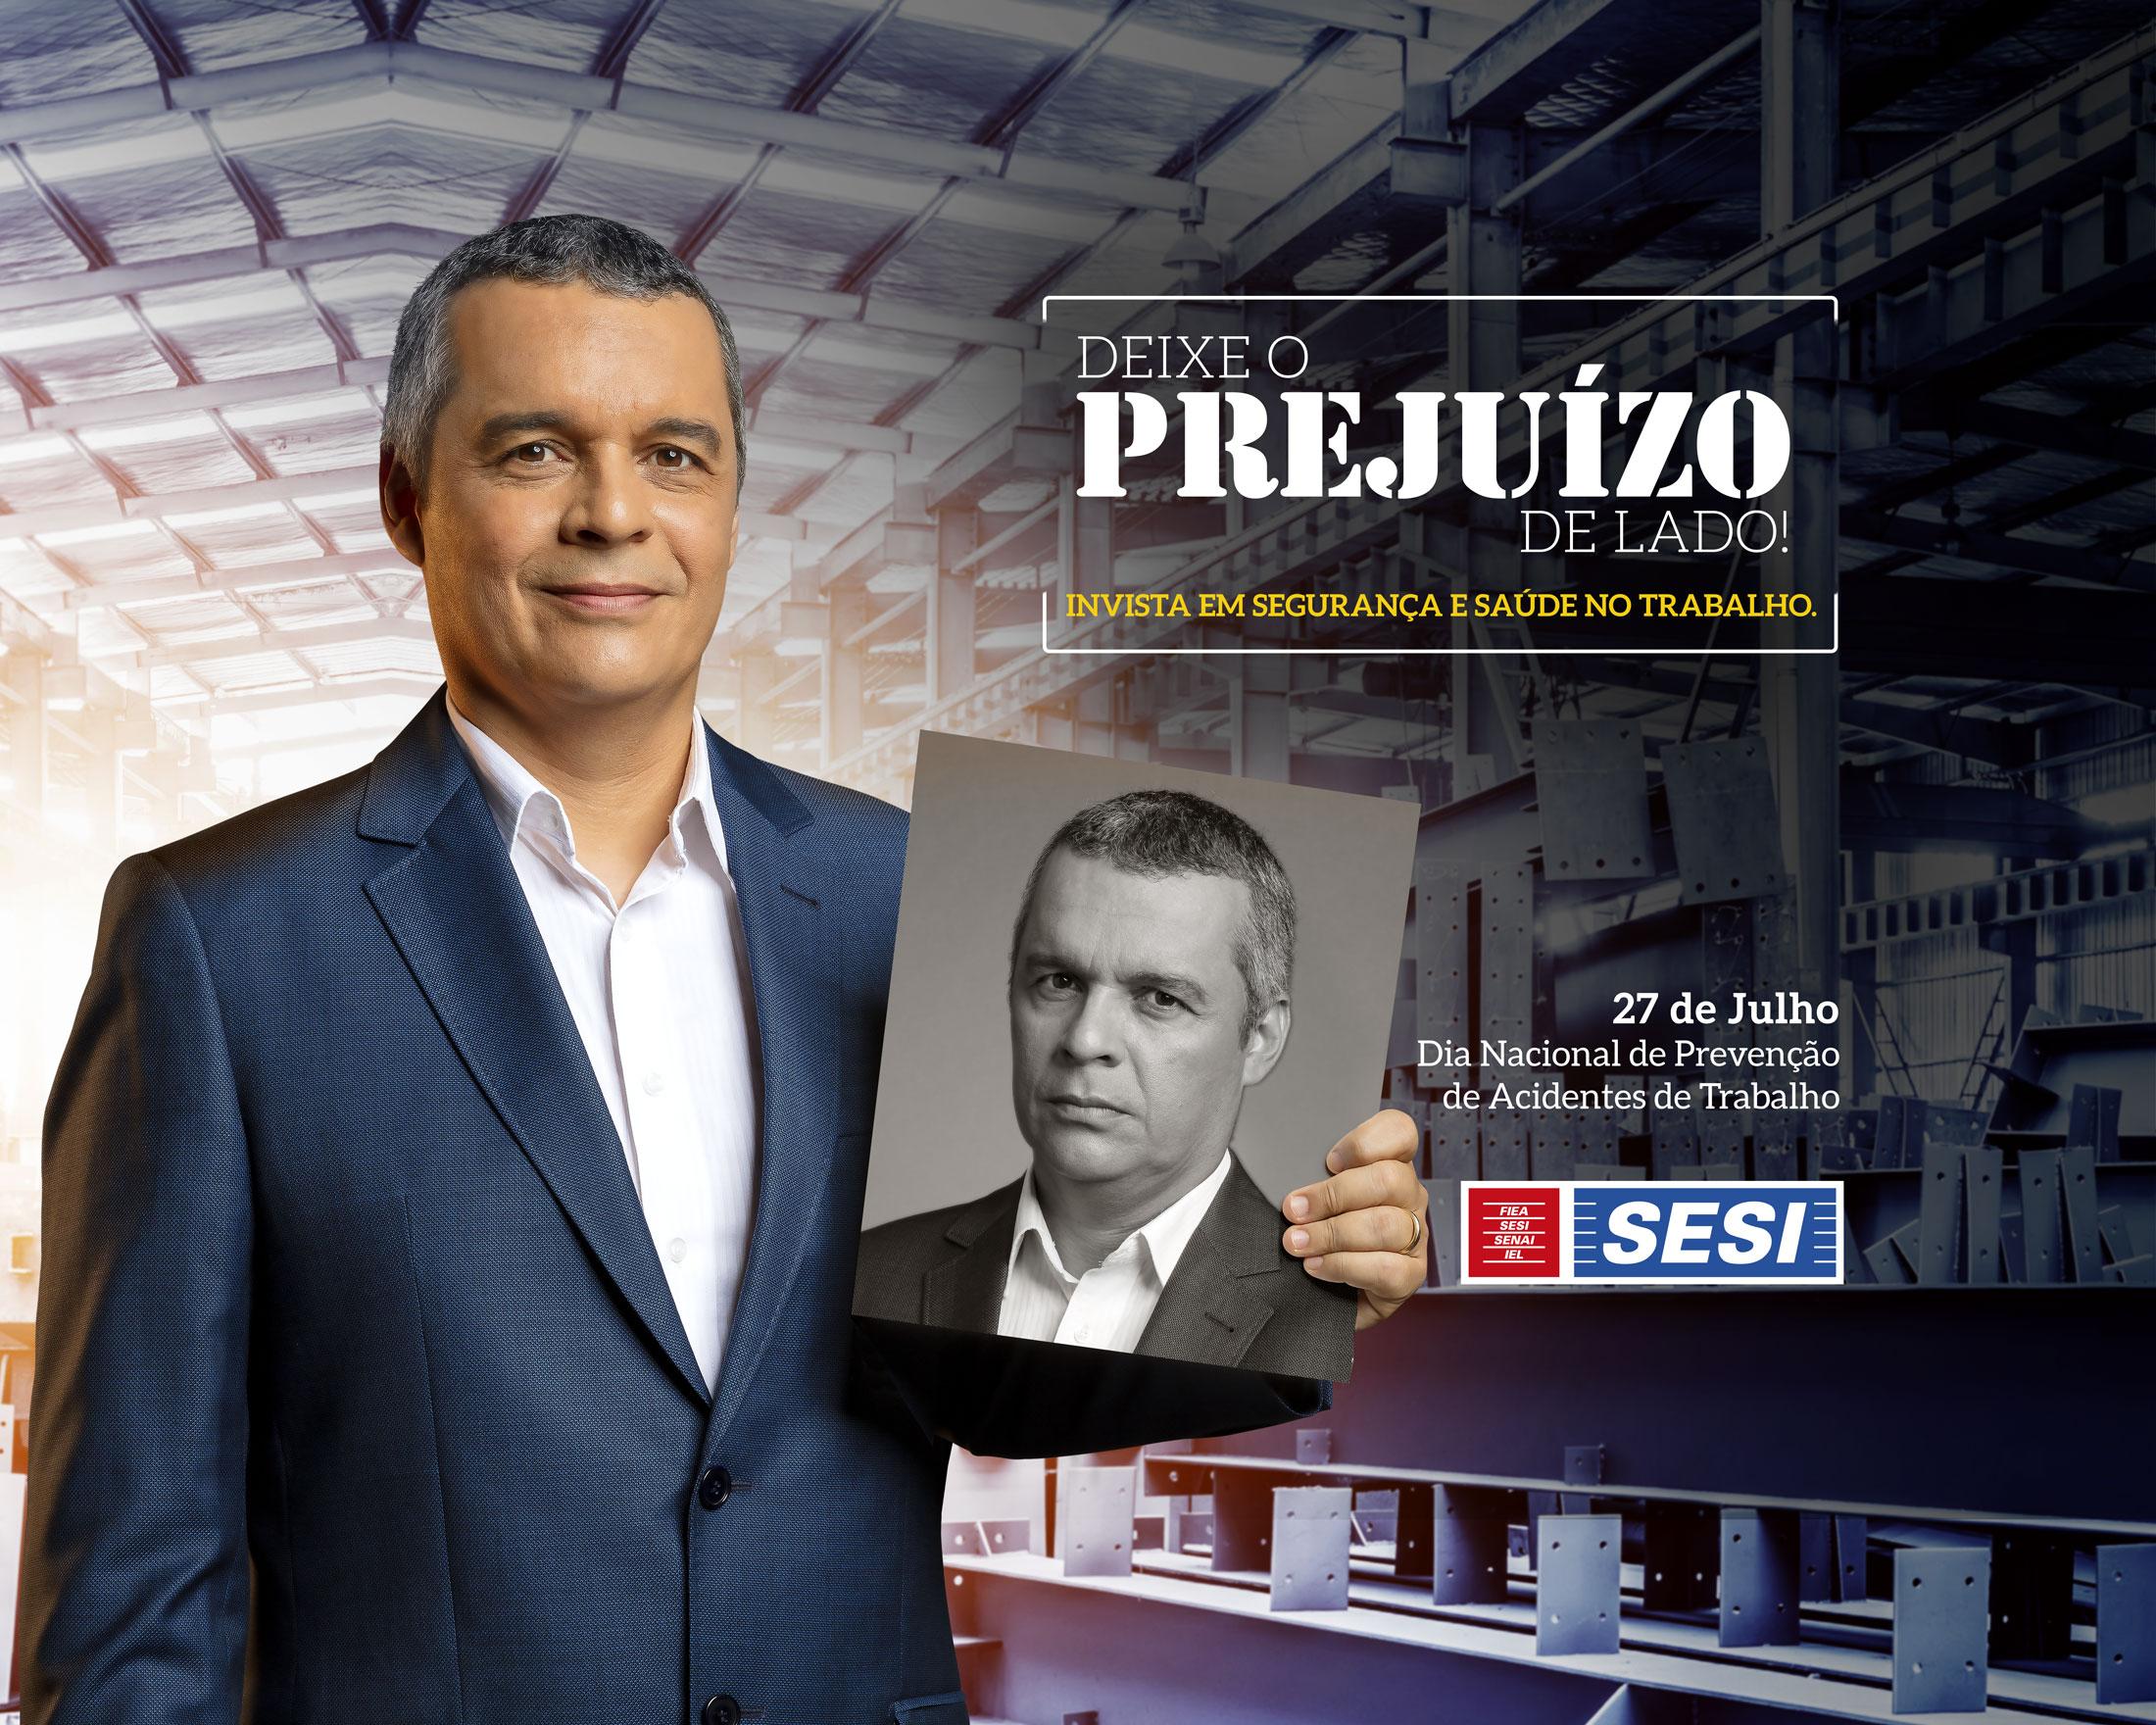 Sesi_PrevencaoAcidentes_Prejuizo_Backbus_CiferalCit.jpg